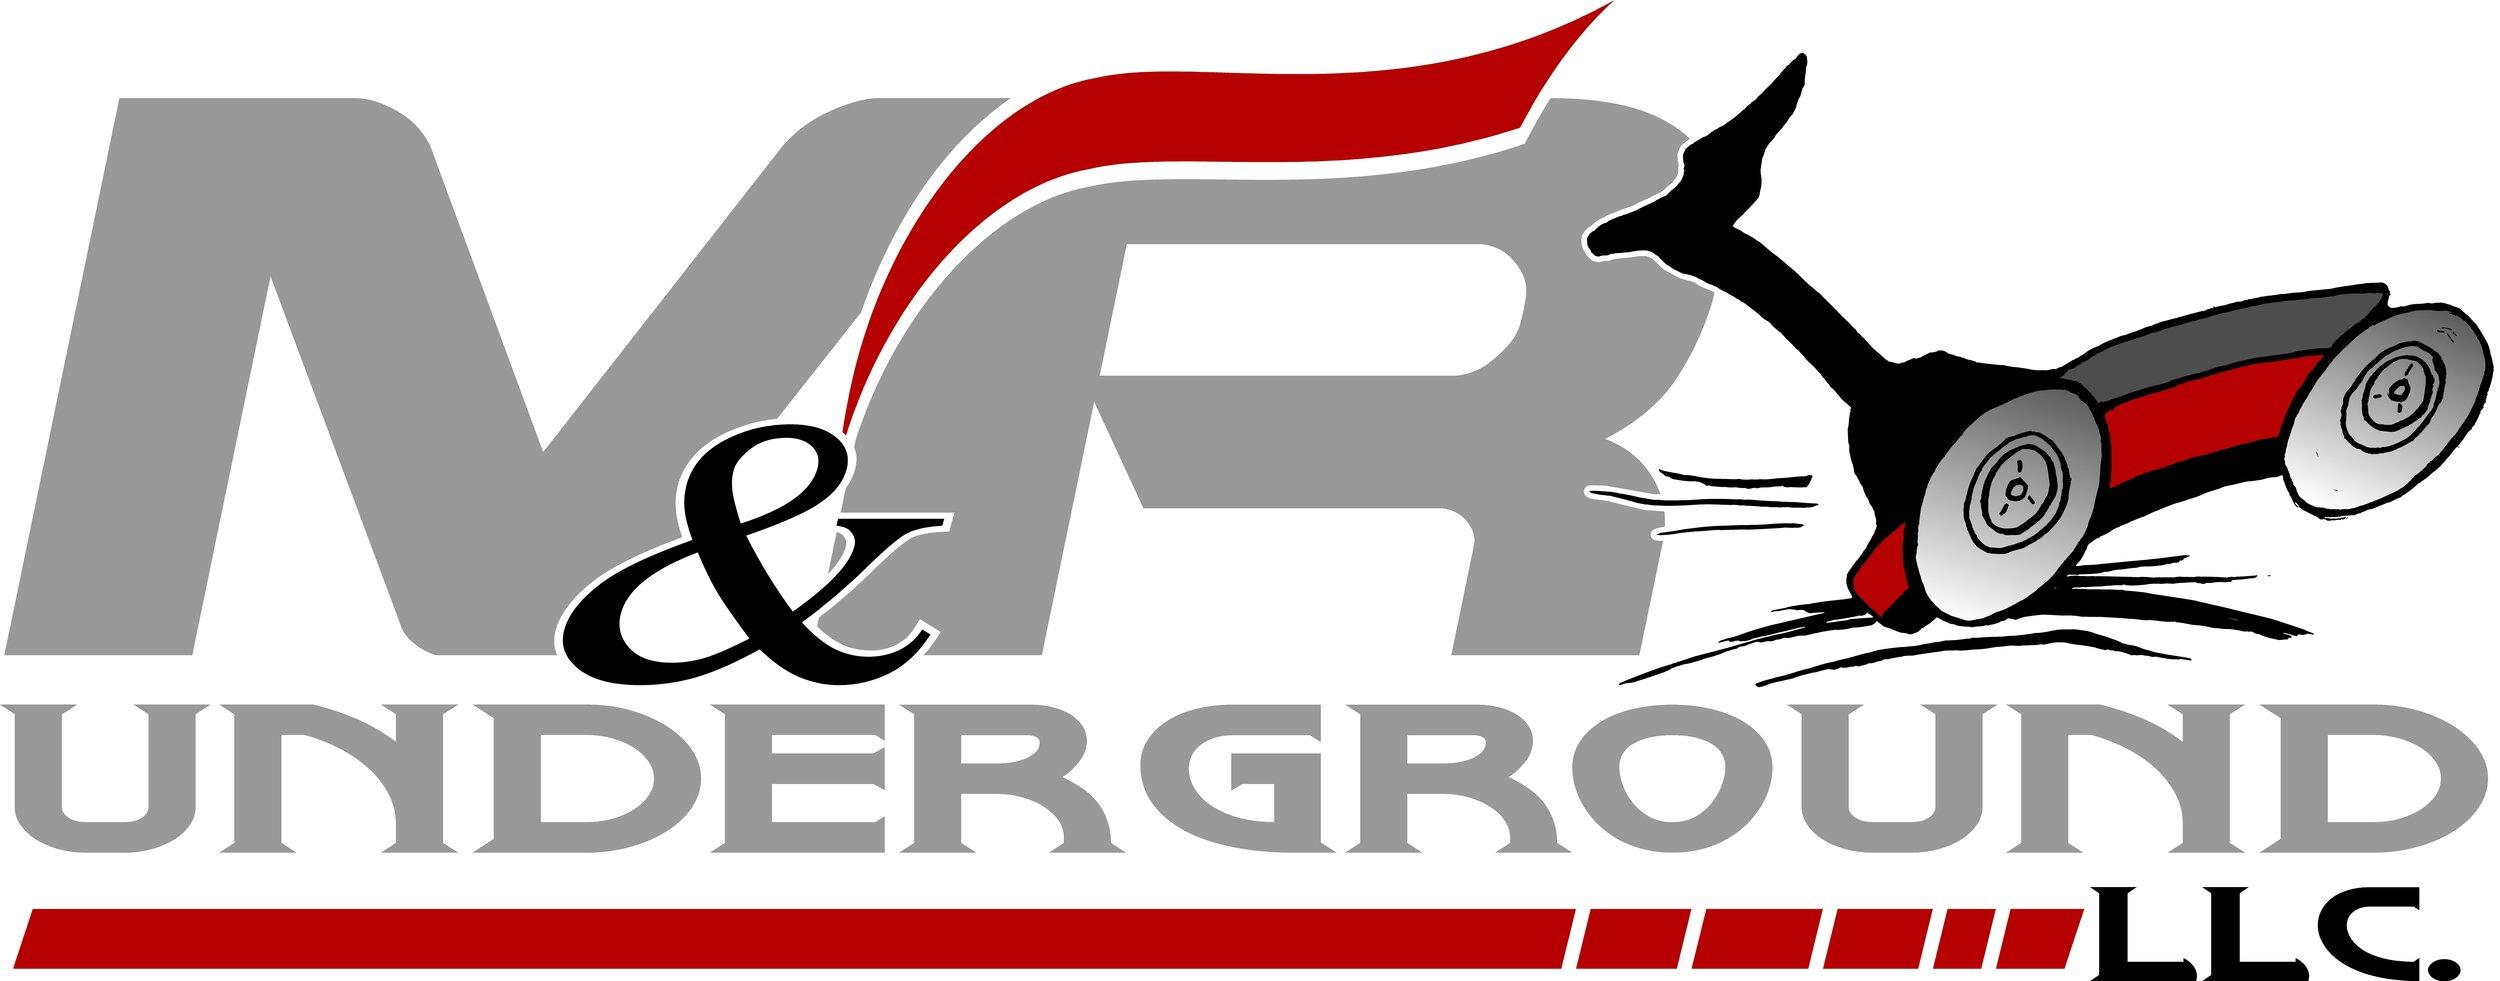 m and r underground.jpg